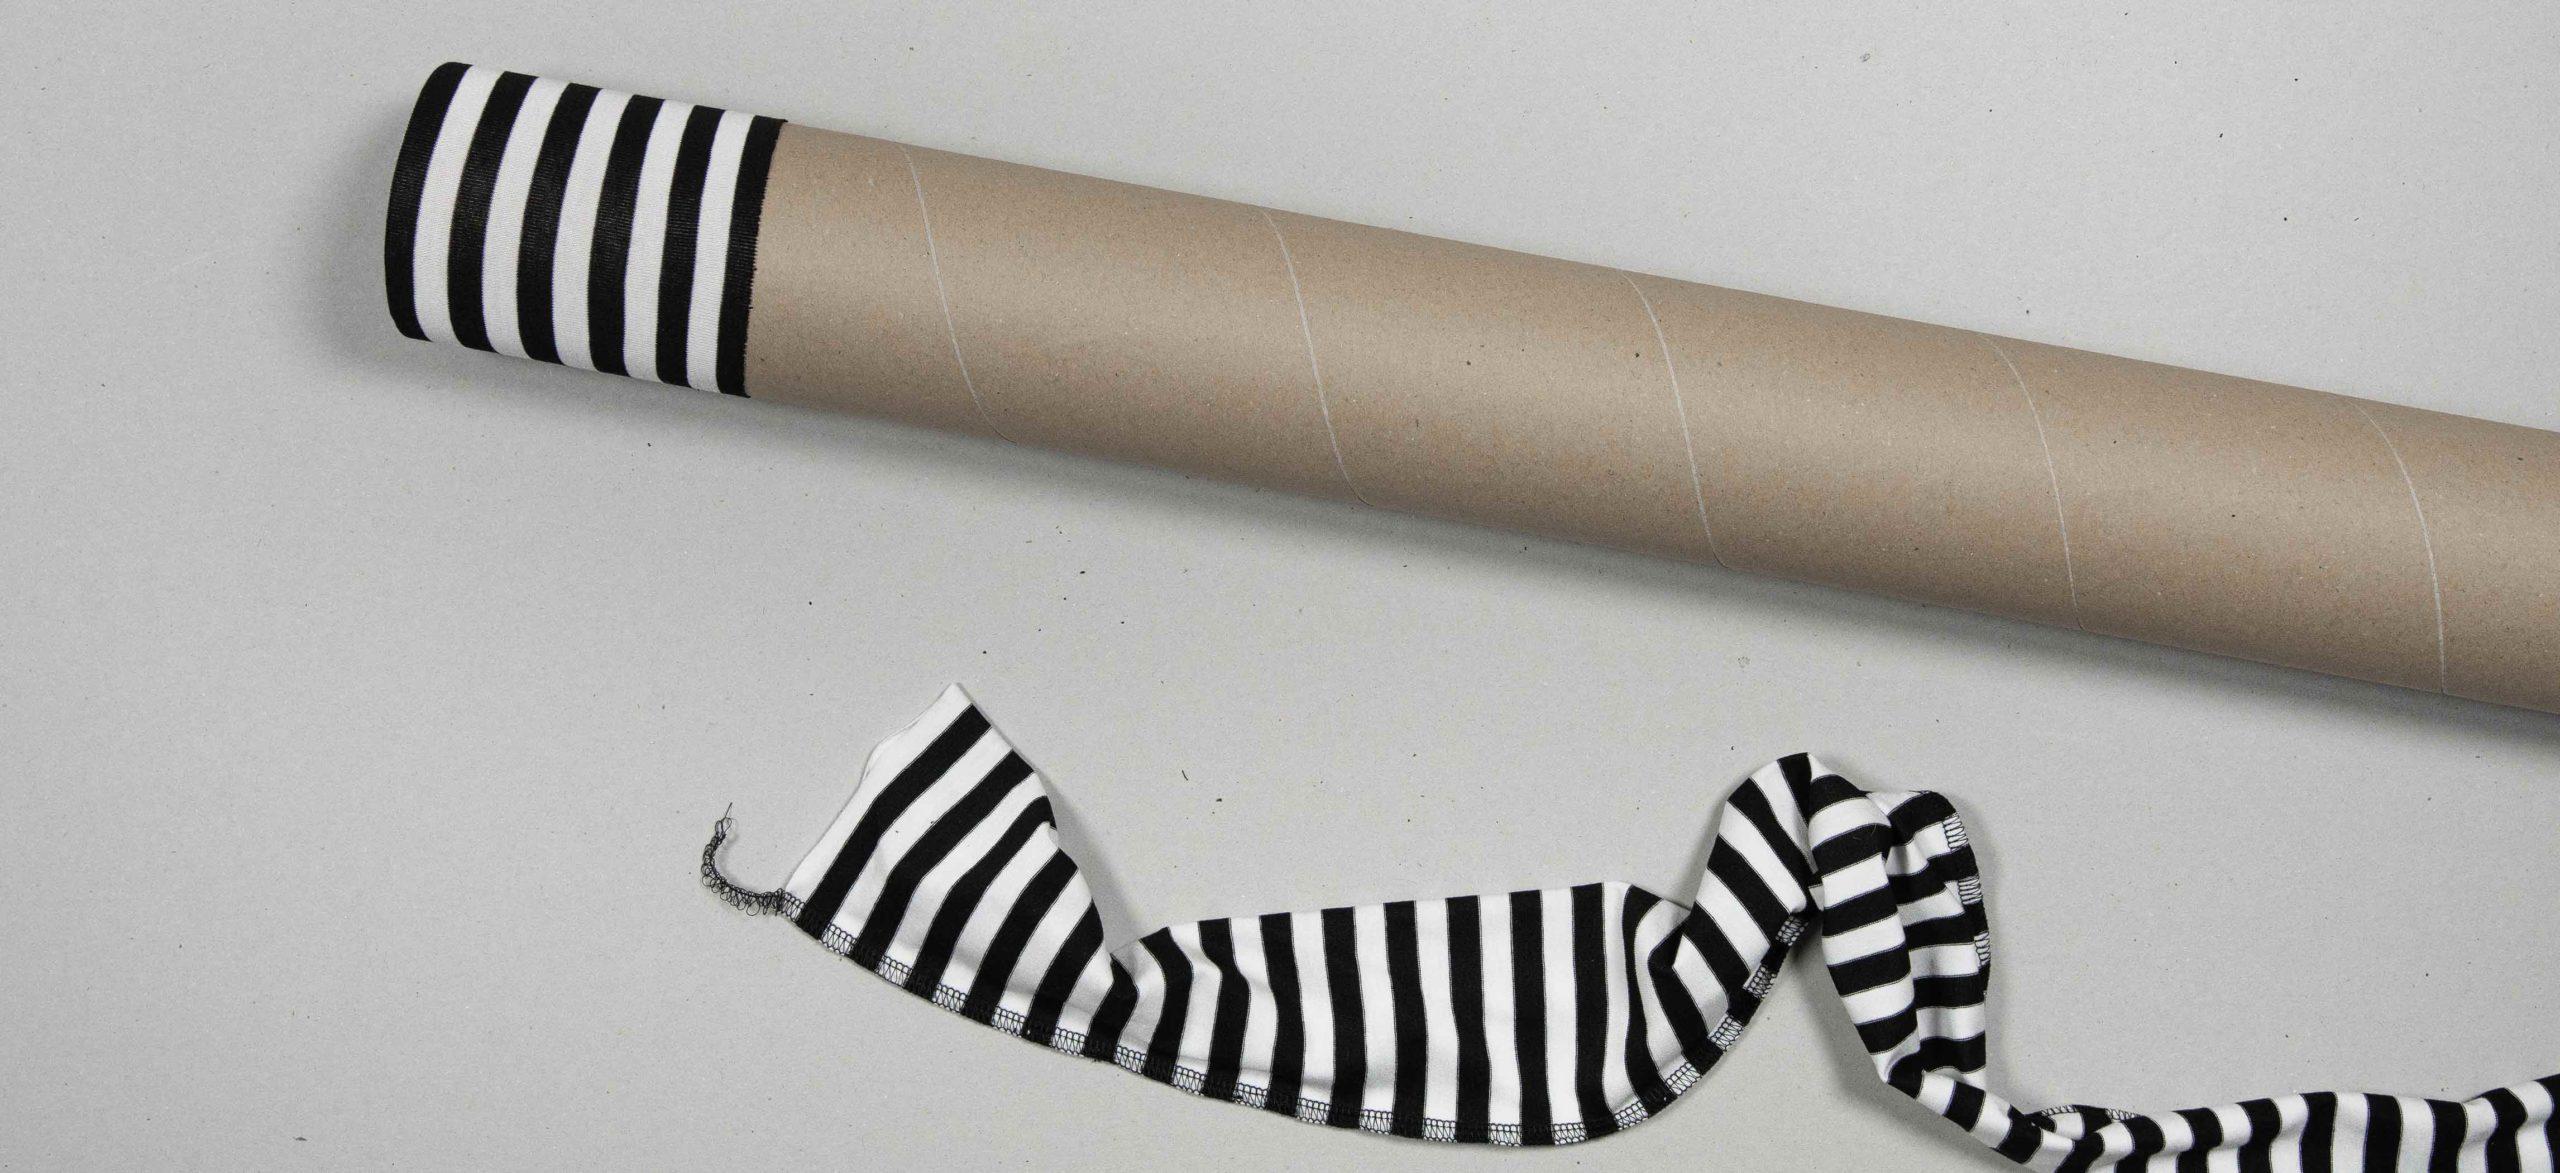 Schlauch mit Hilfe einer Pappröhre wenden